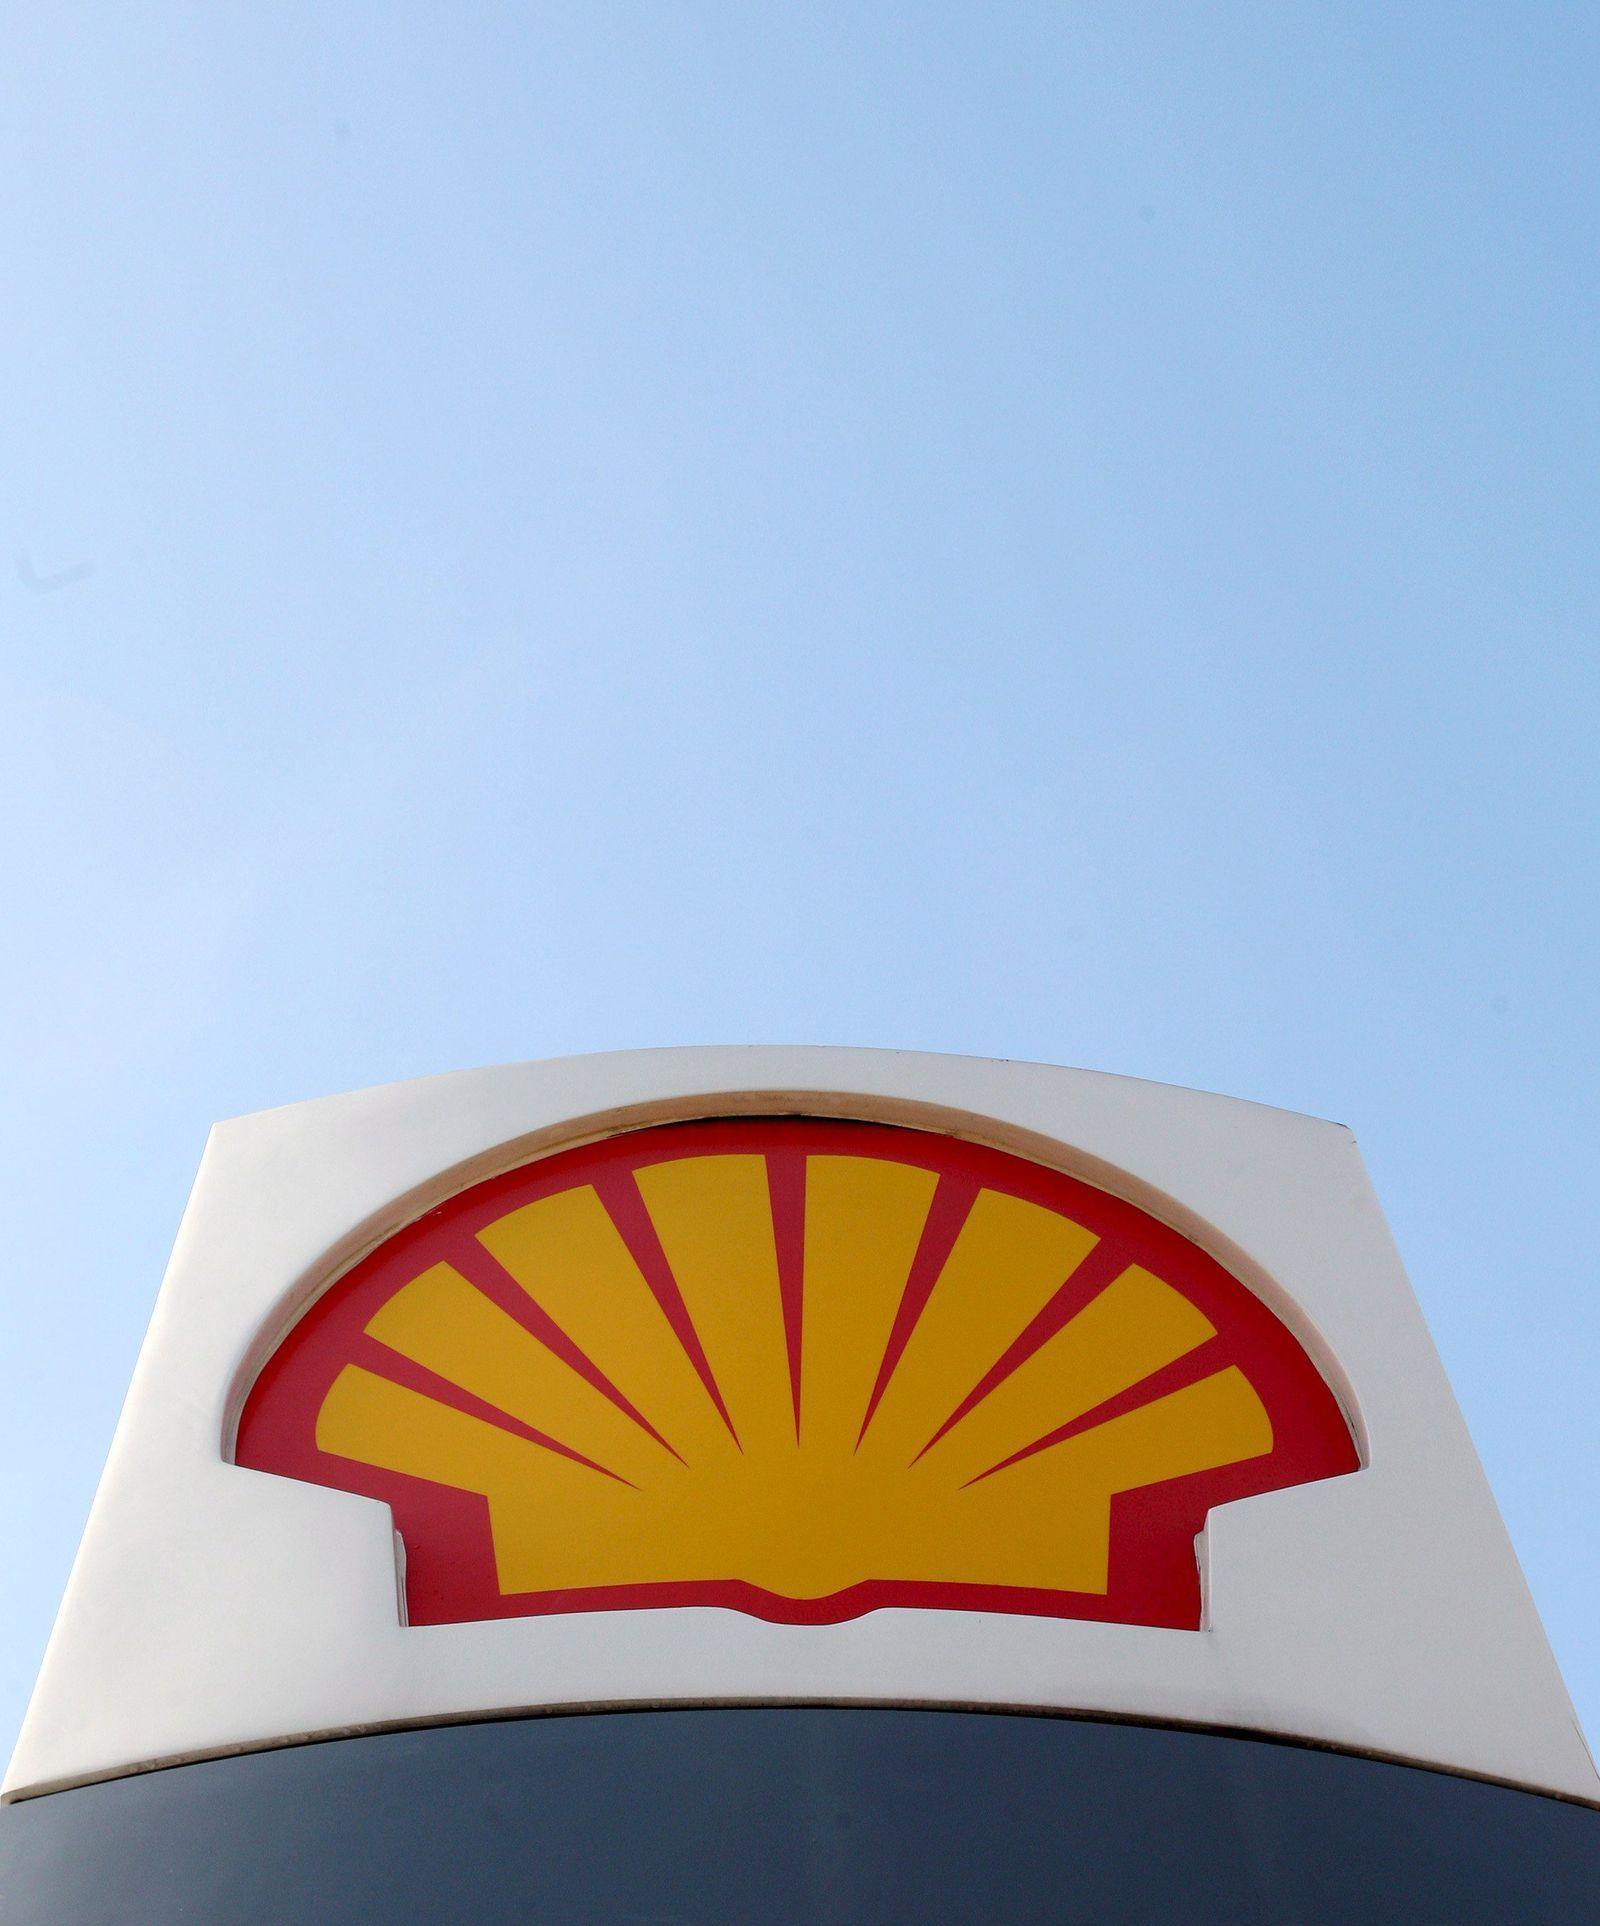 Shell gibt das Jahresergebnis 2008 bekannt